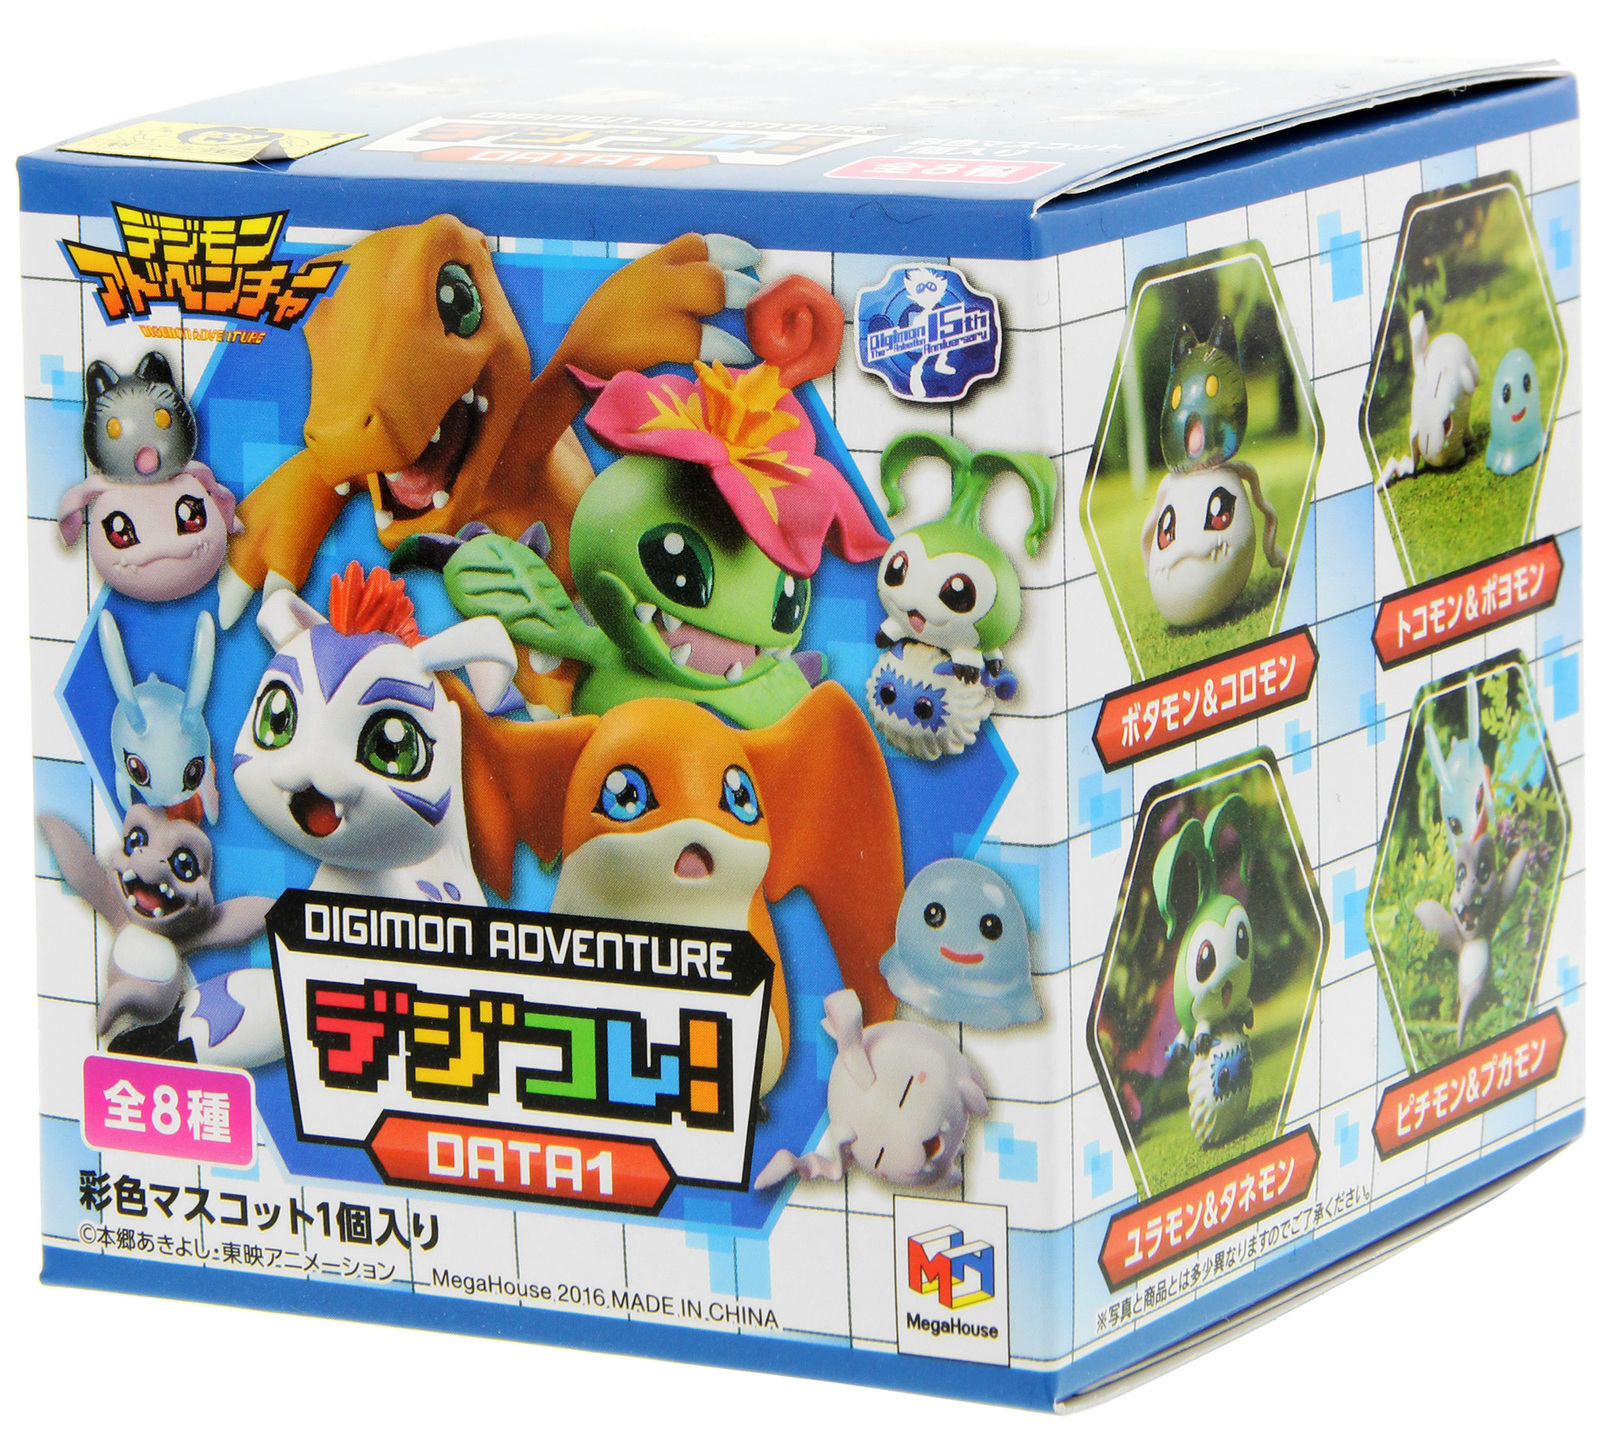 Random Blind Box Set de 8 Megahouse Digimon Adventure DATA 1 action figures